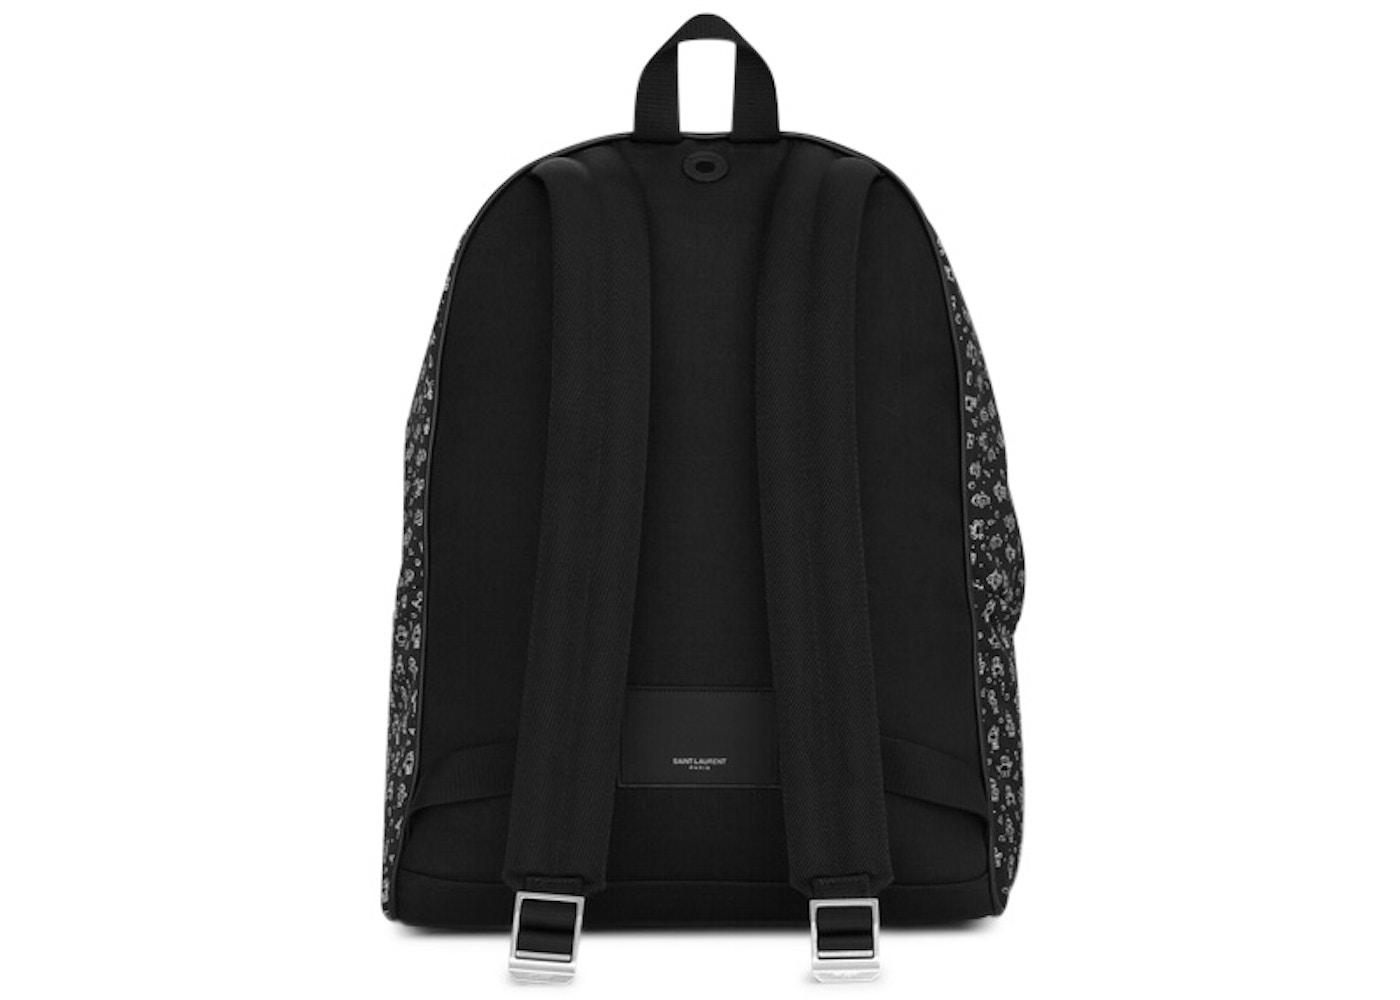 be8e1f1c4d Saint Laurent City Canvas Backpack Robot Print Black